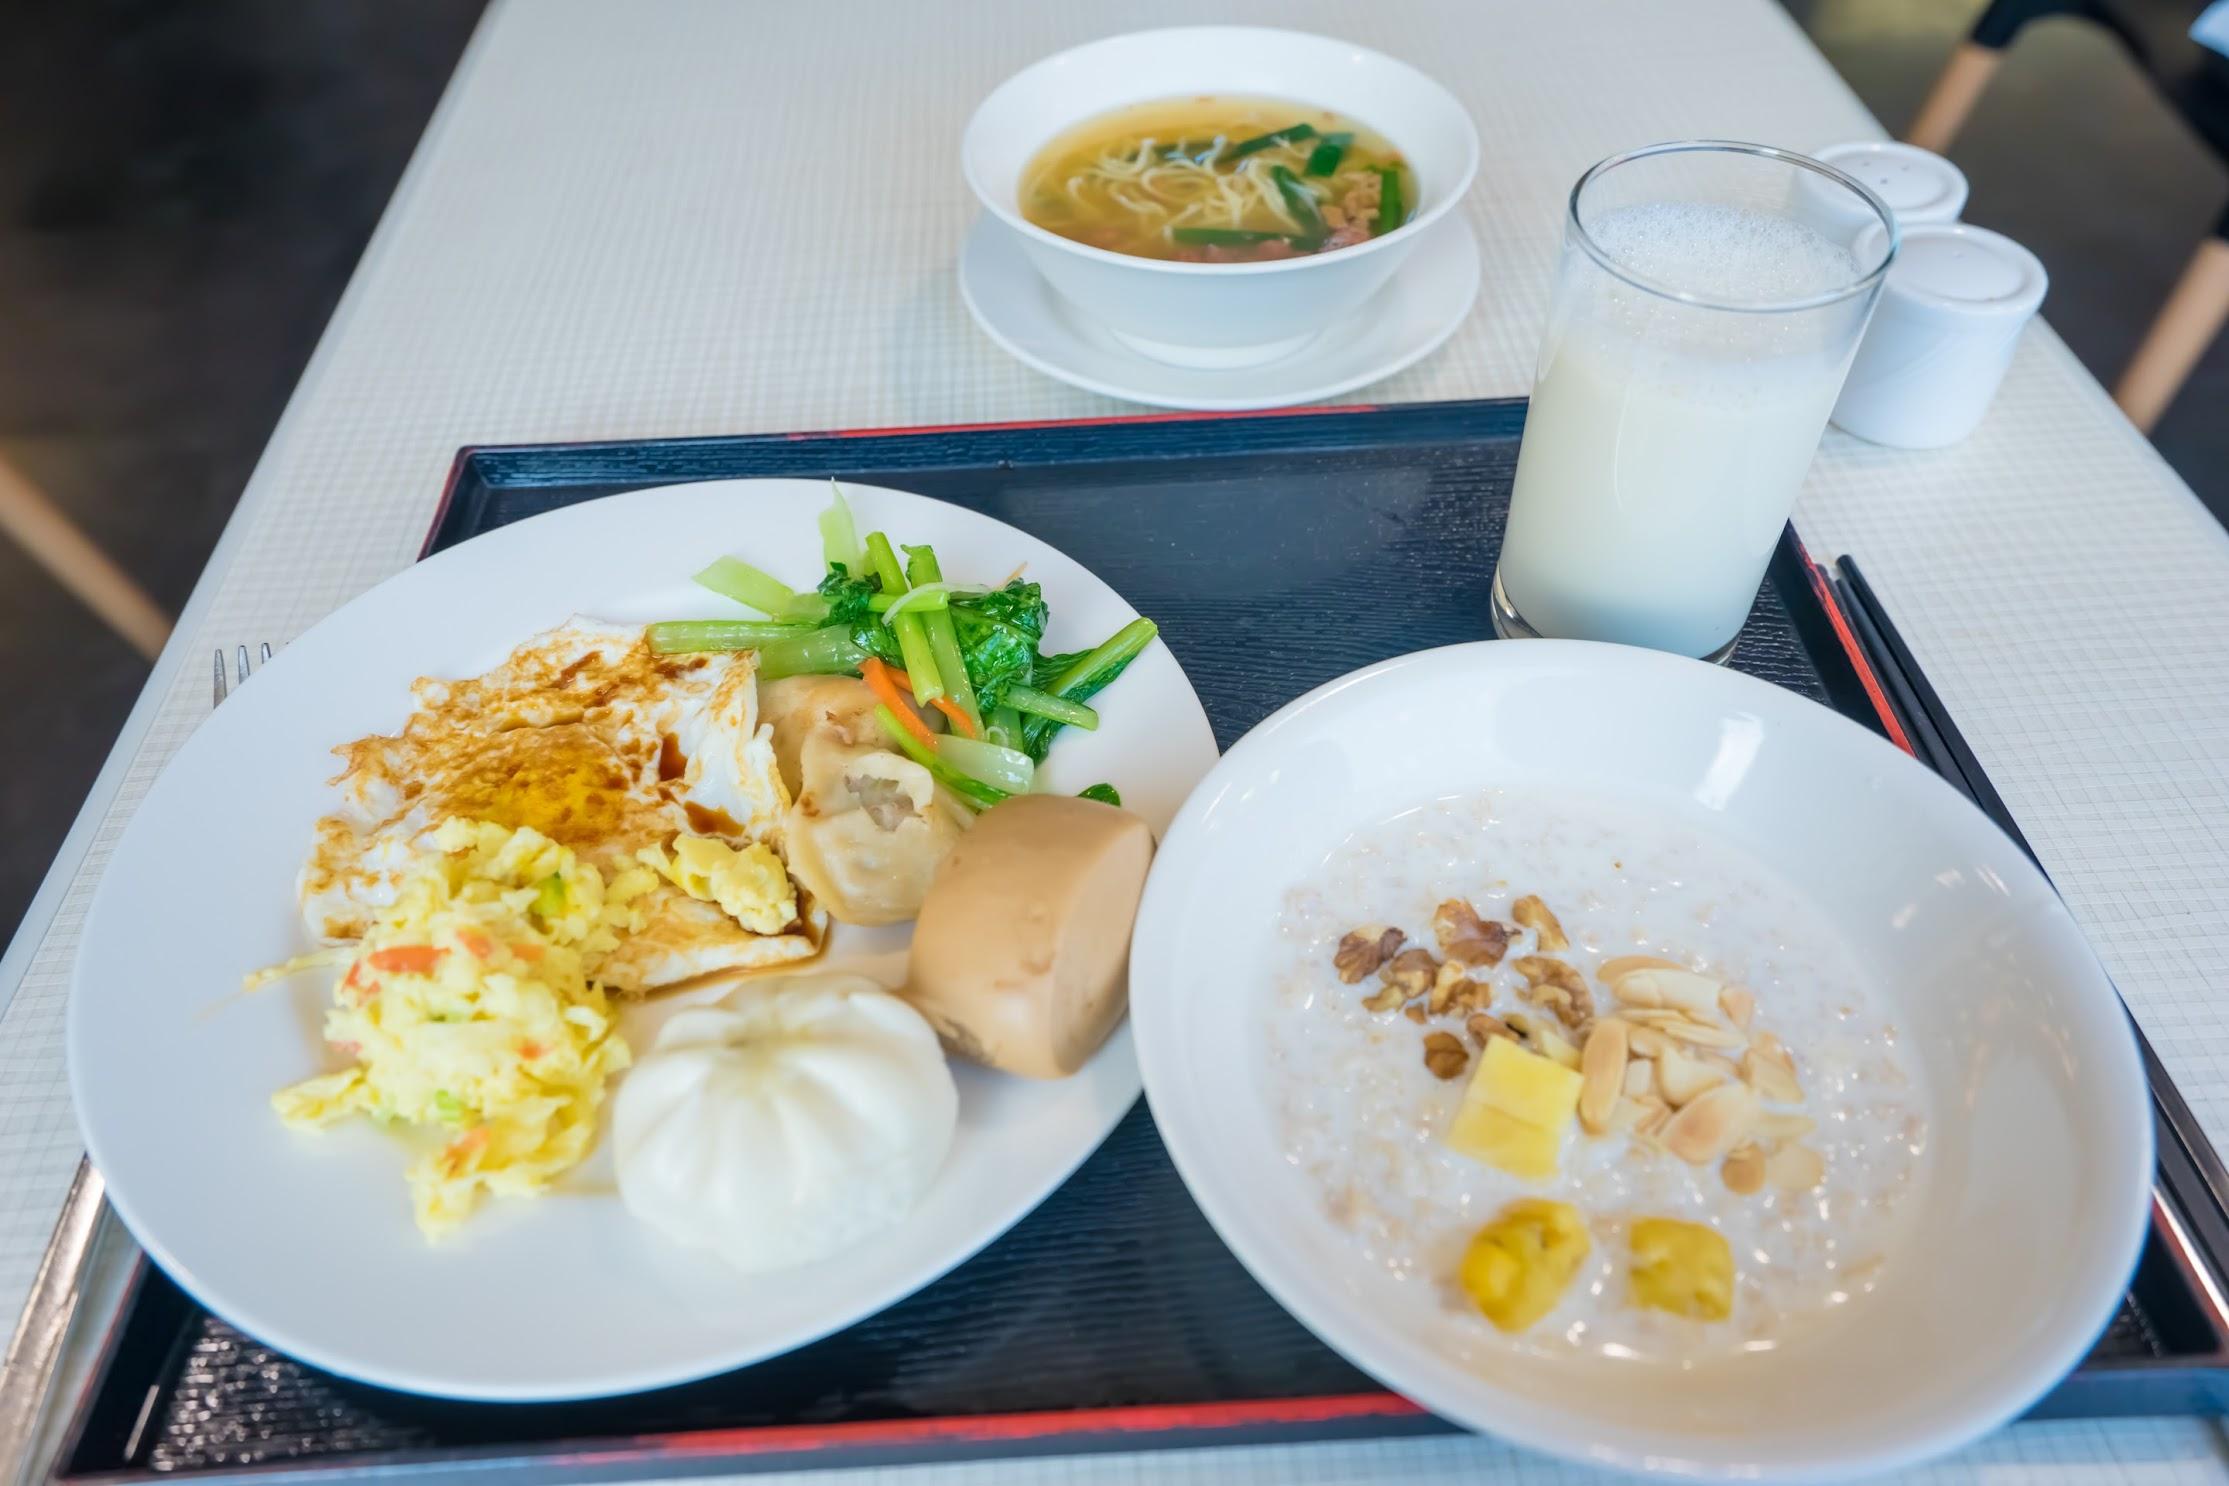 シーザーパーク台北(台北凱撒大飯店) 朝食6